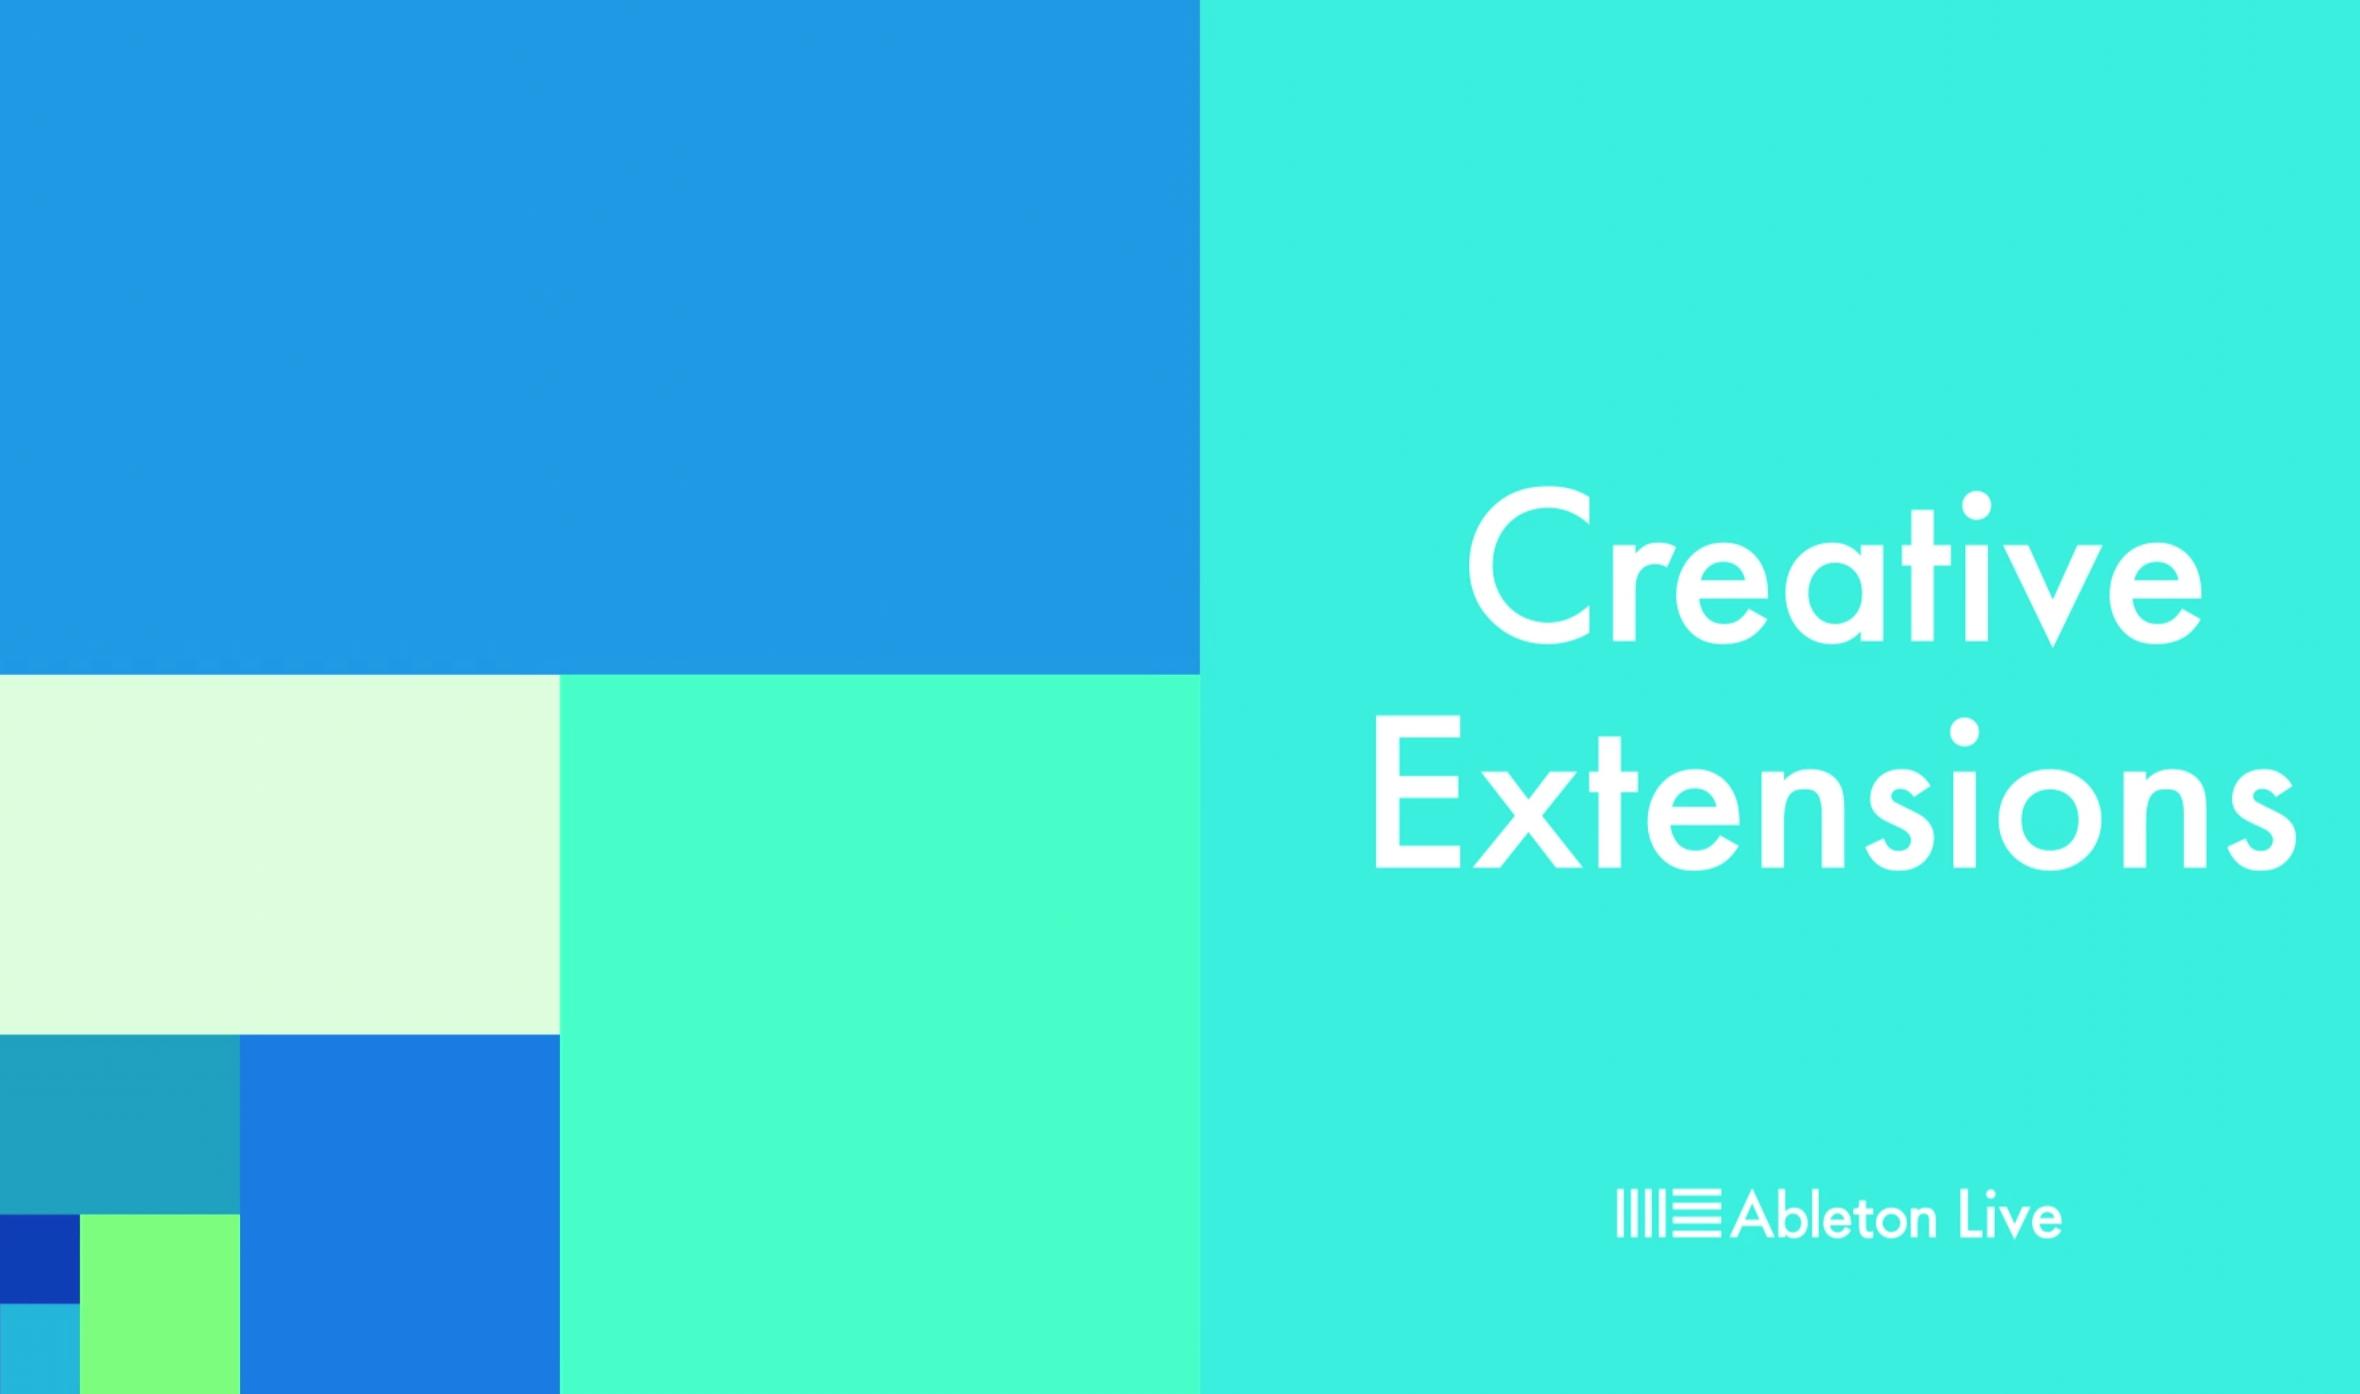 Neu: Ableton veröffentlicht Creative Extensions